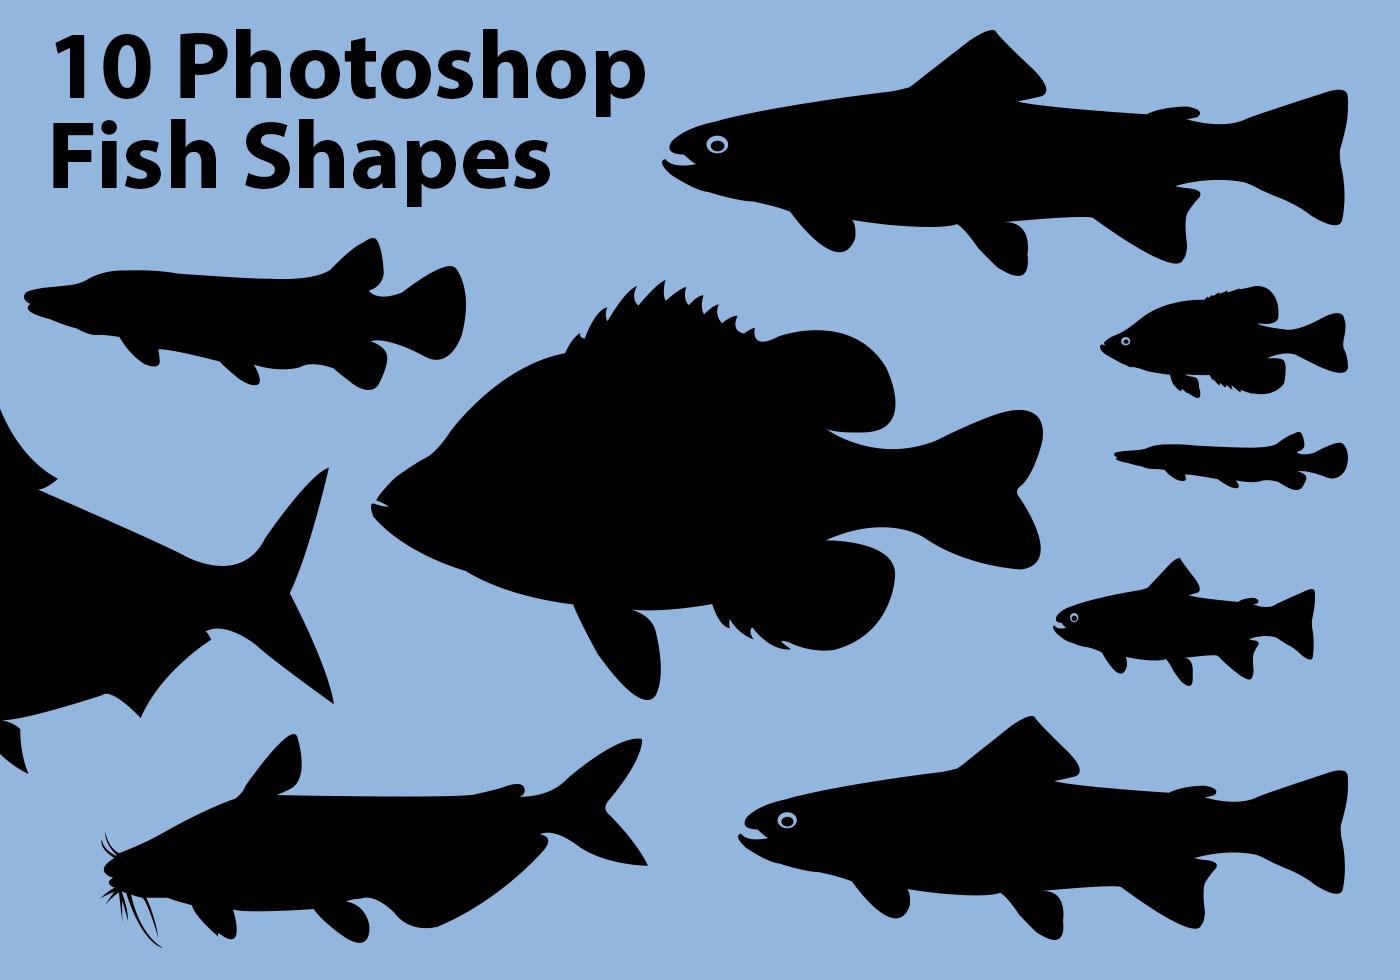 10 Free Photoshop Fish Shapes